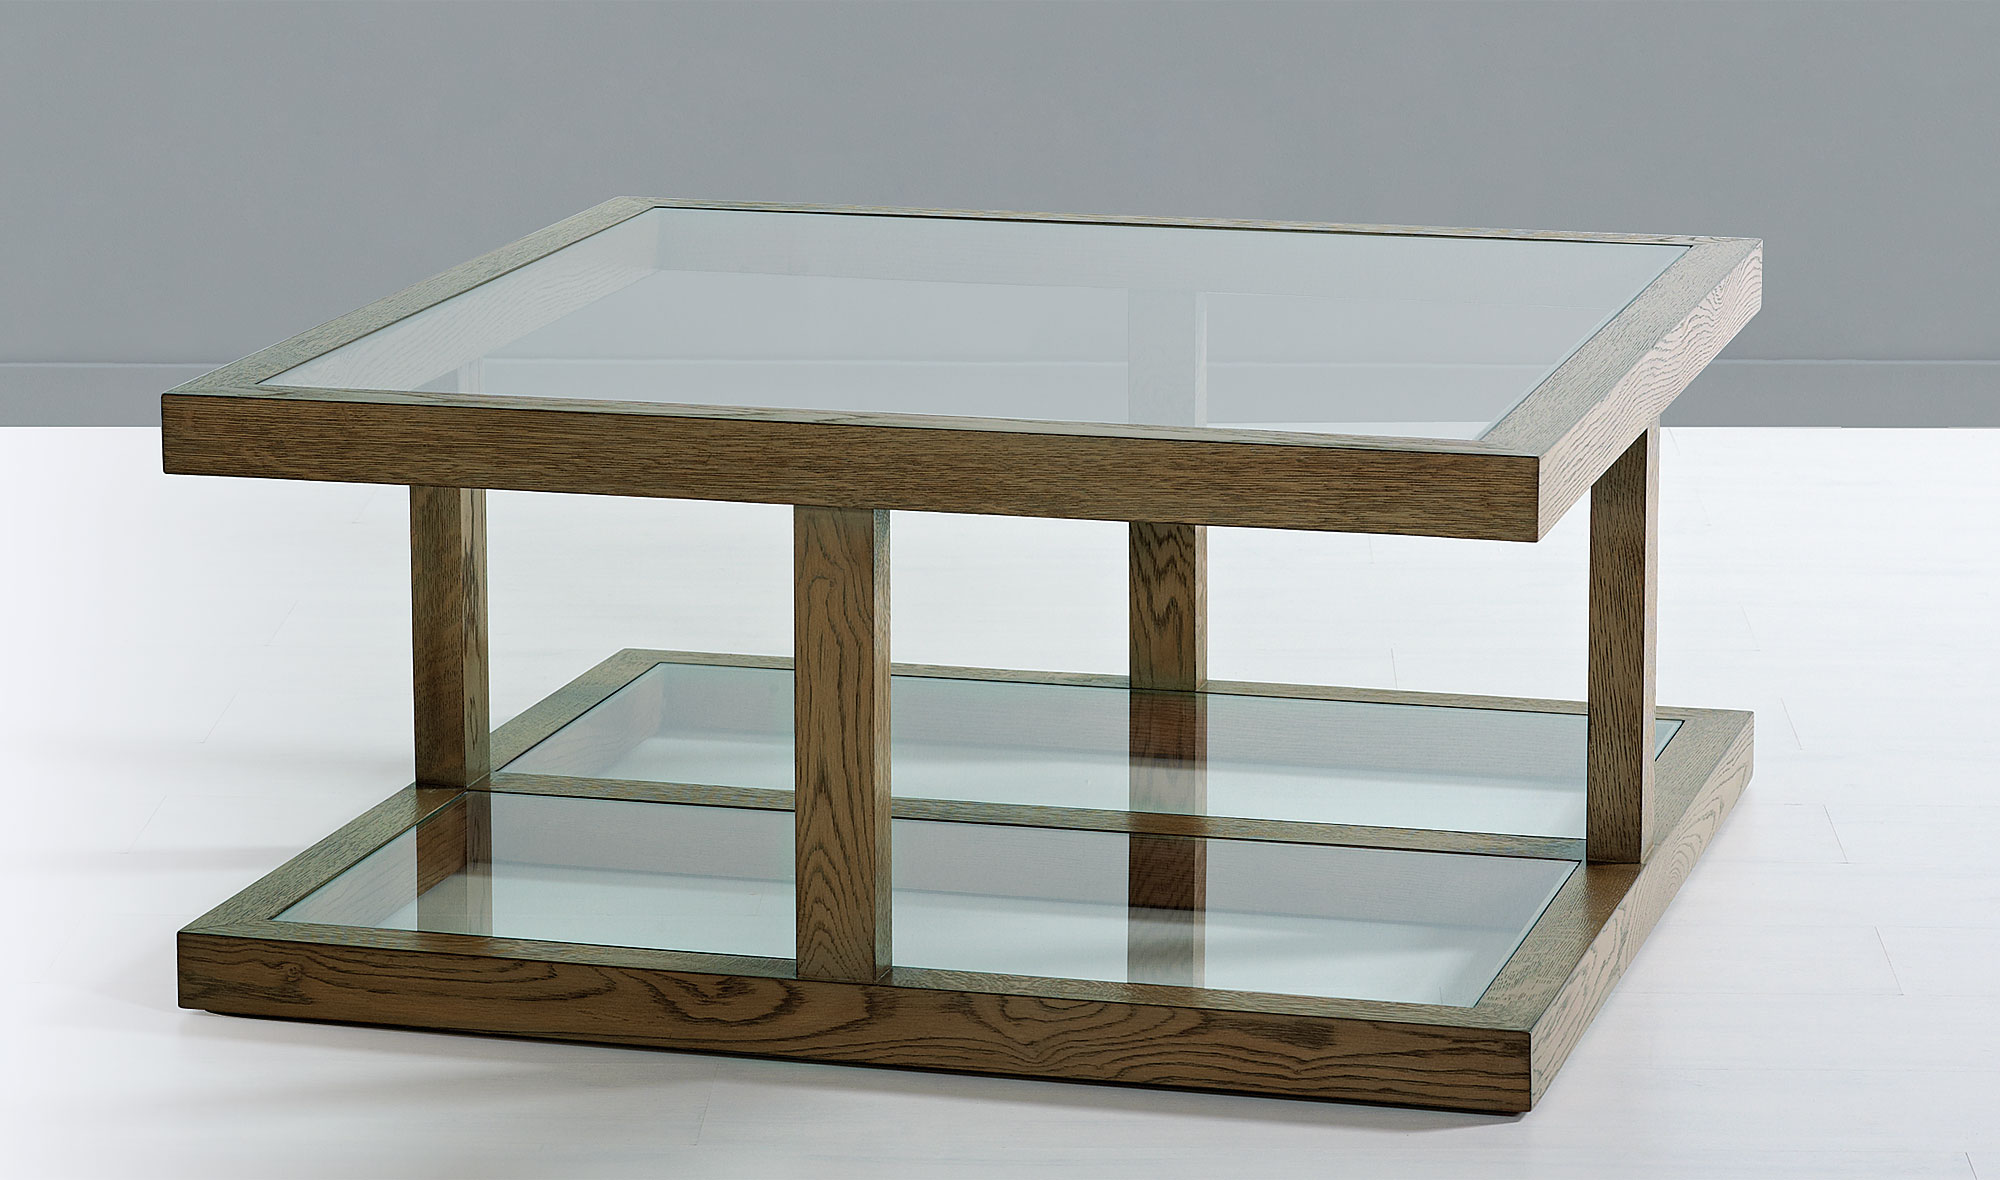 Mesa de centro moderna nile de lujo en portobellodeluxe for Muebles lujo